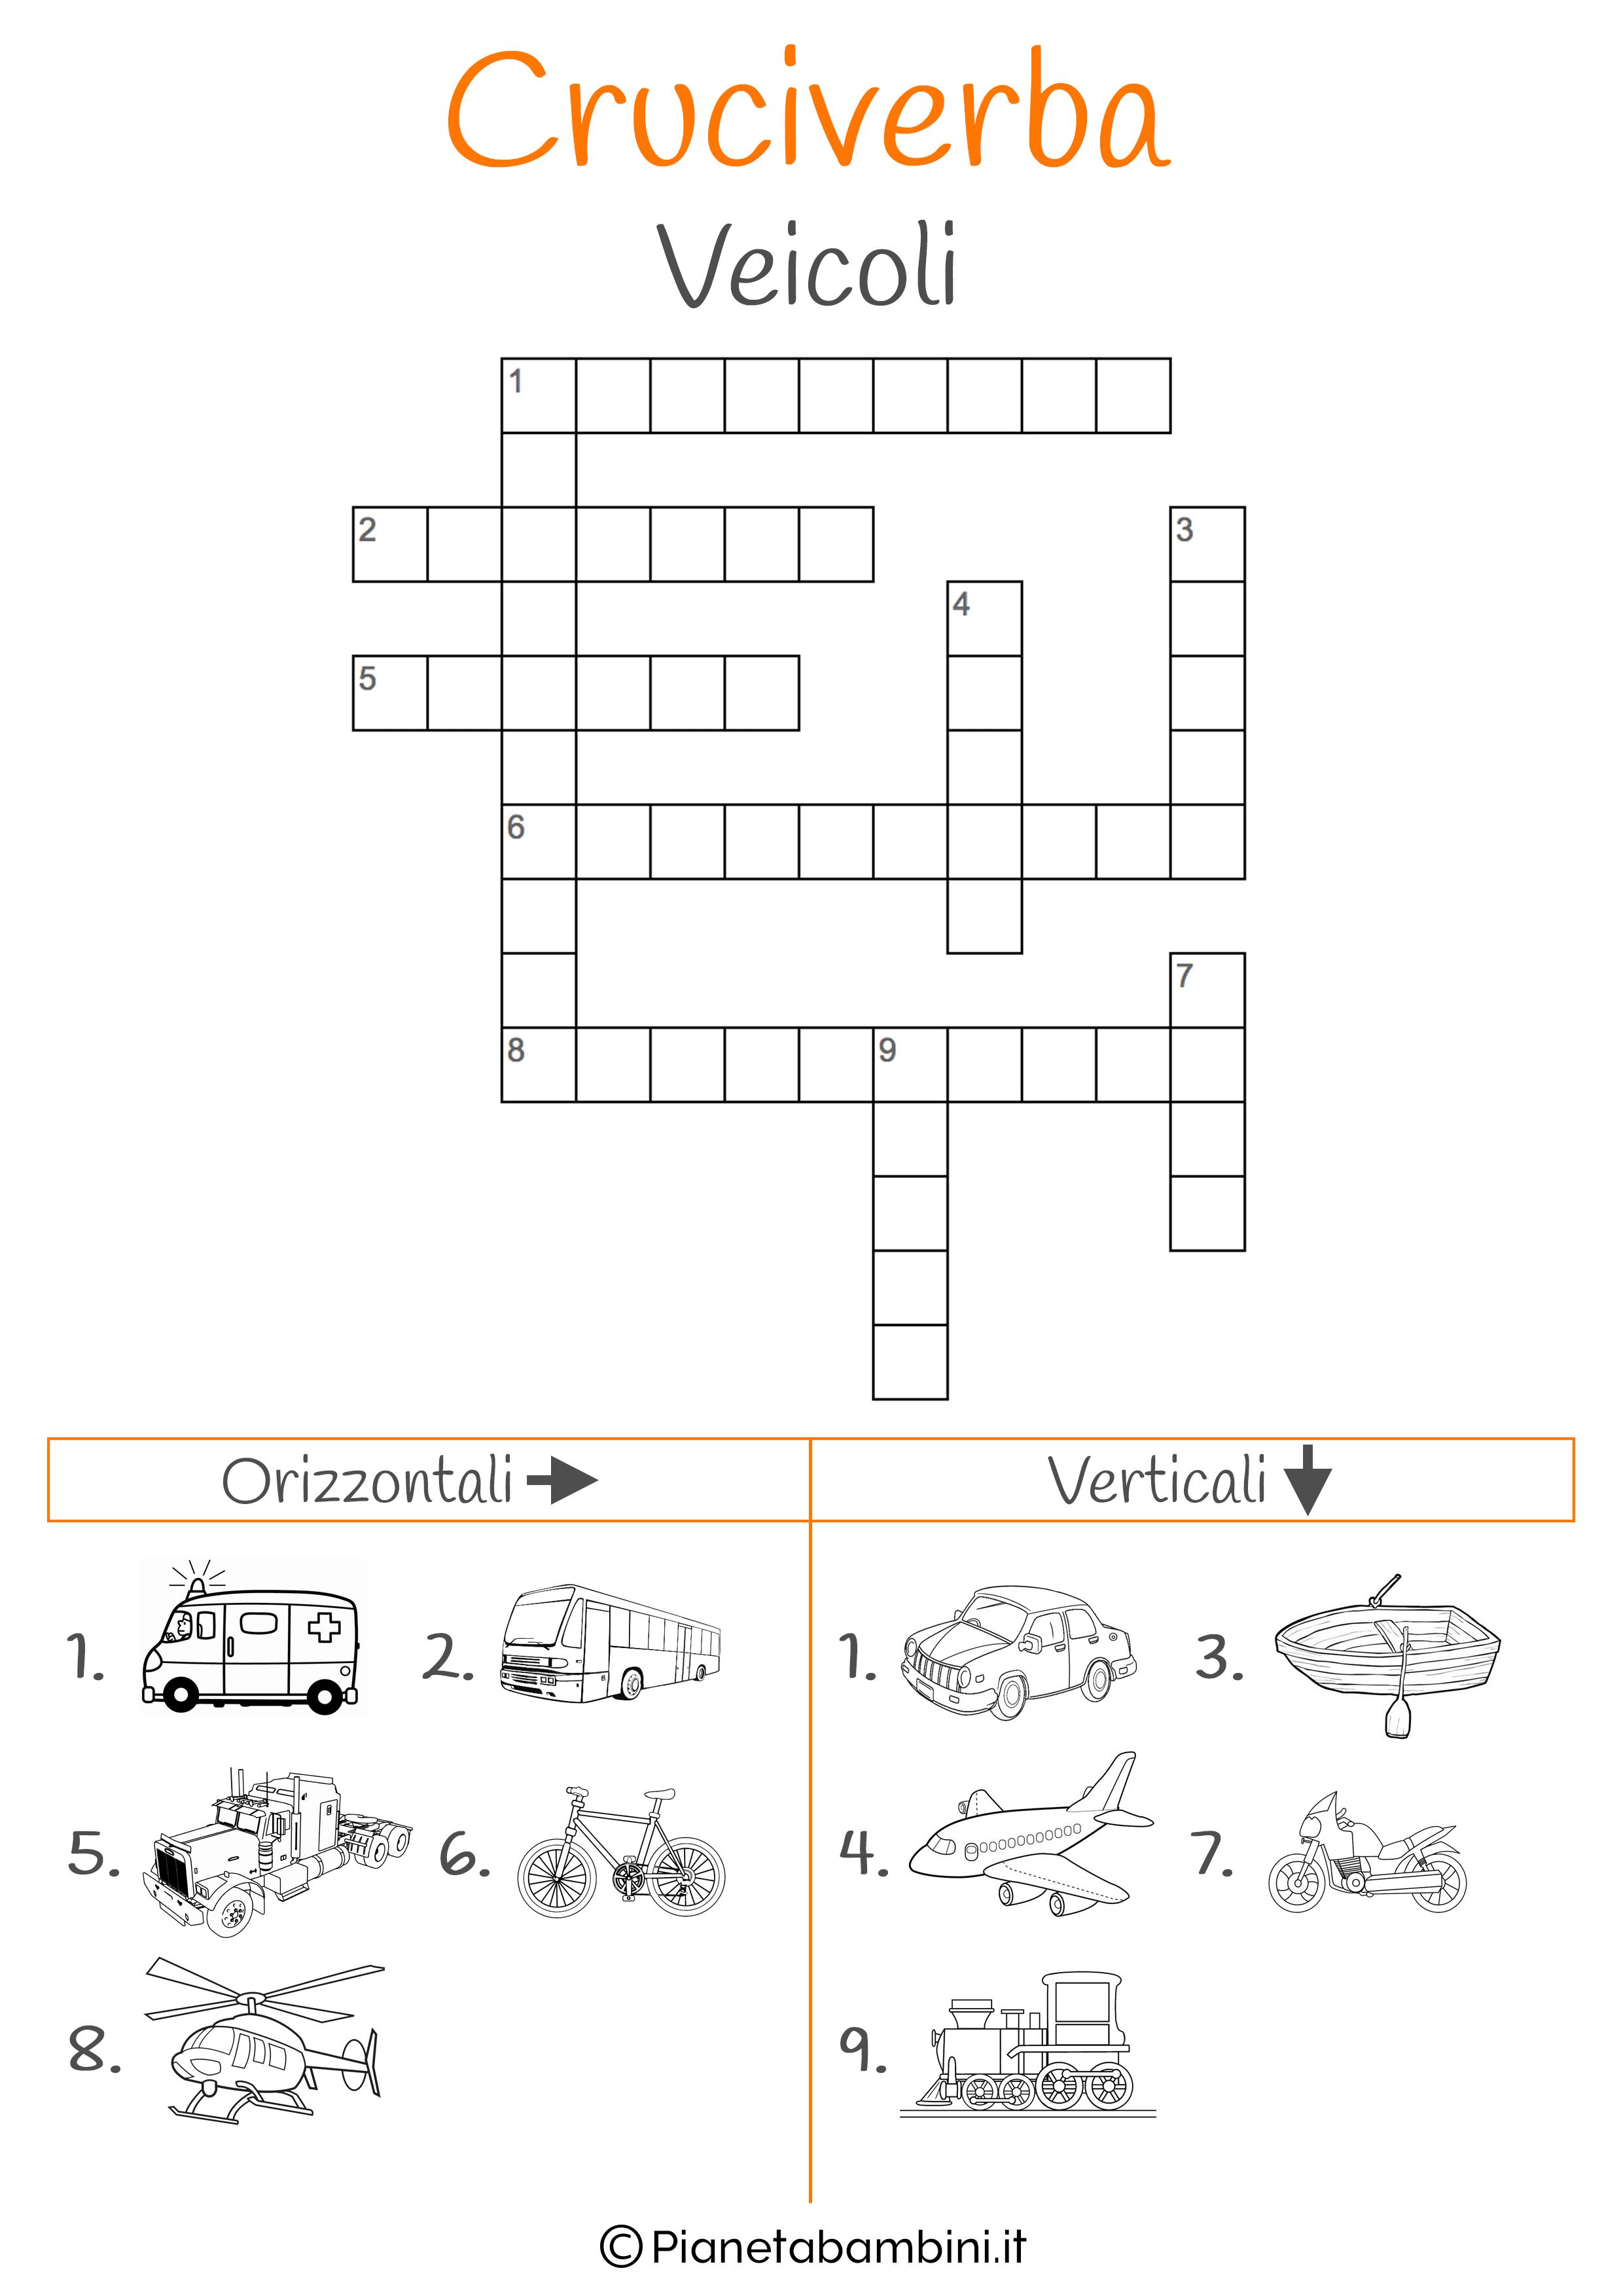 Cruciverba illustrato sui veicoli